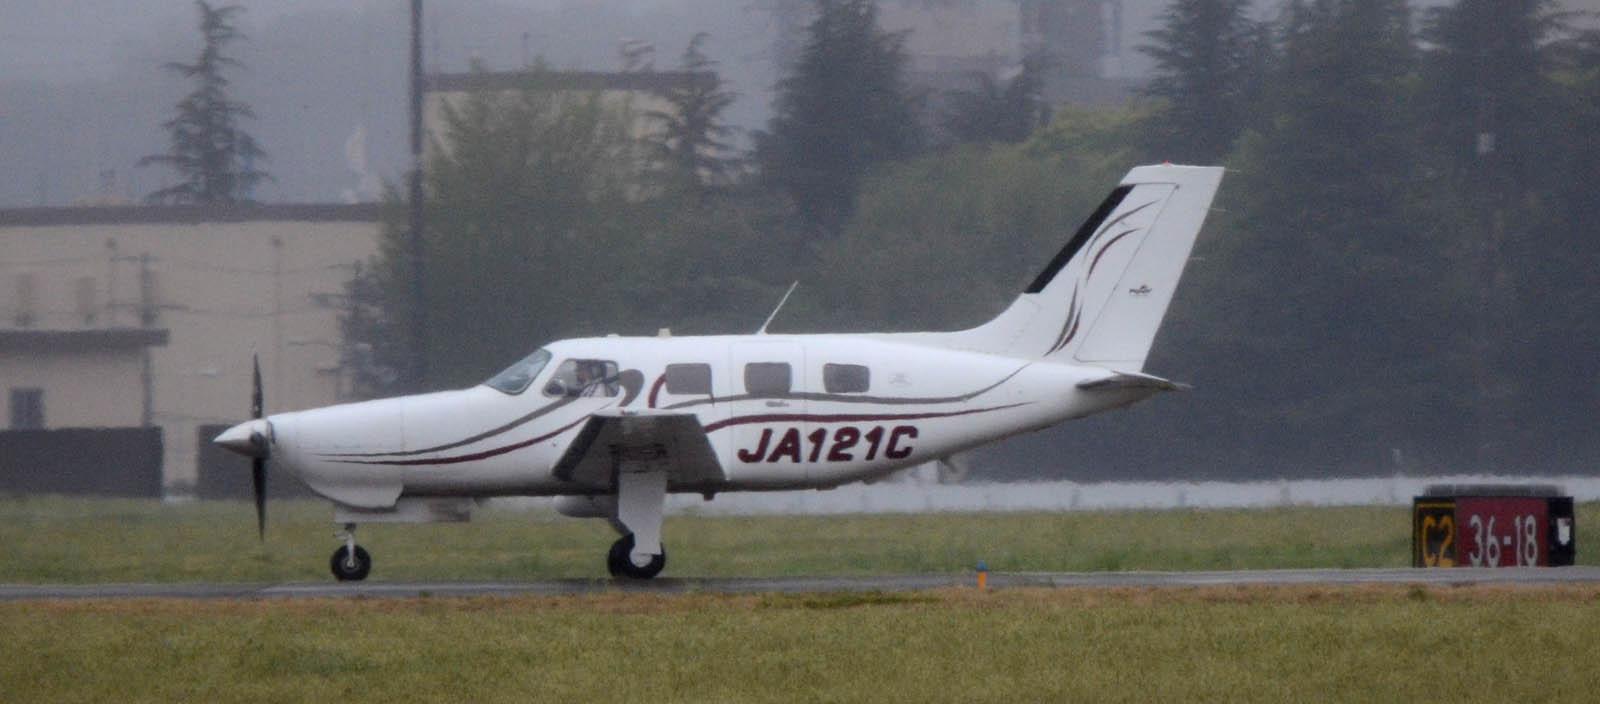 Ja121c130421g532